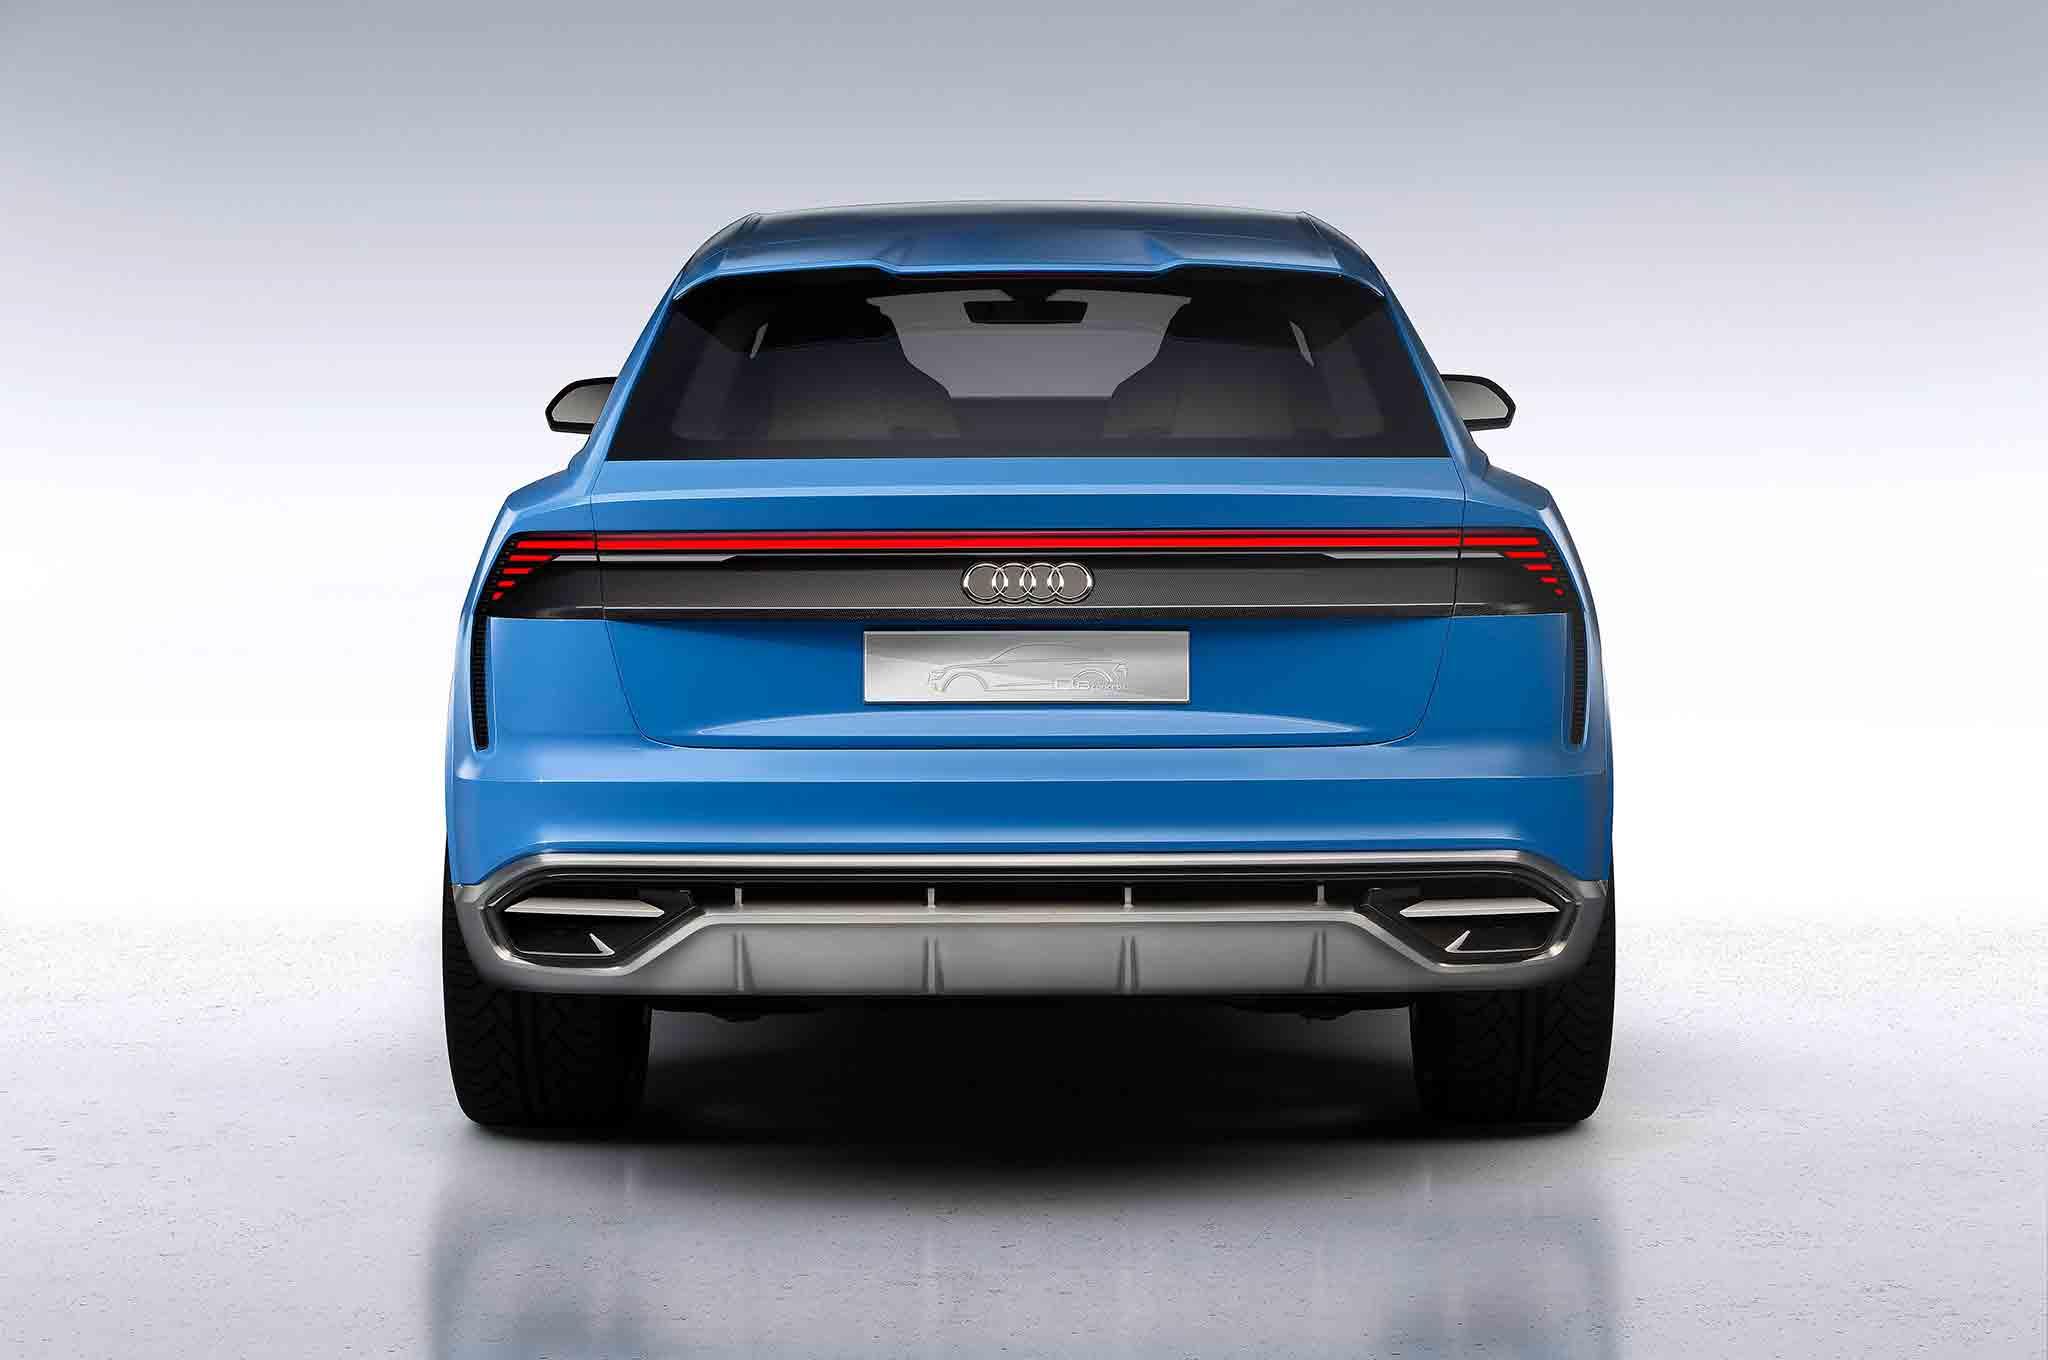 Audi-Q8-concept-rear-view-01-2